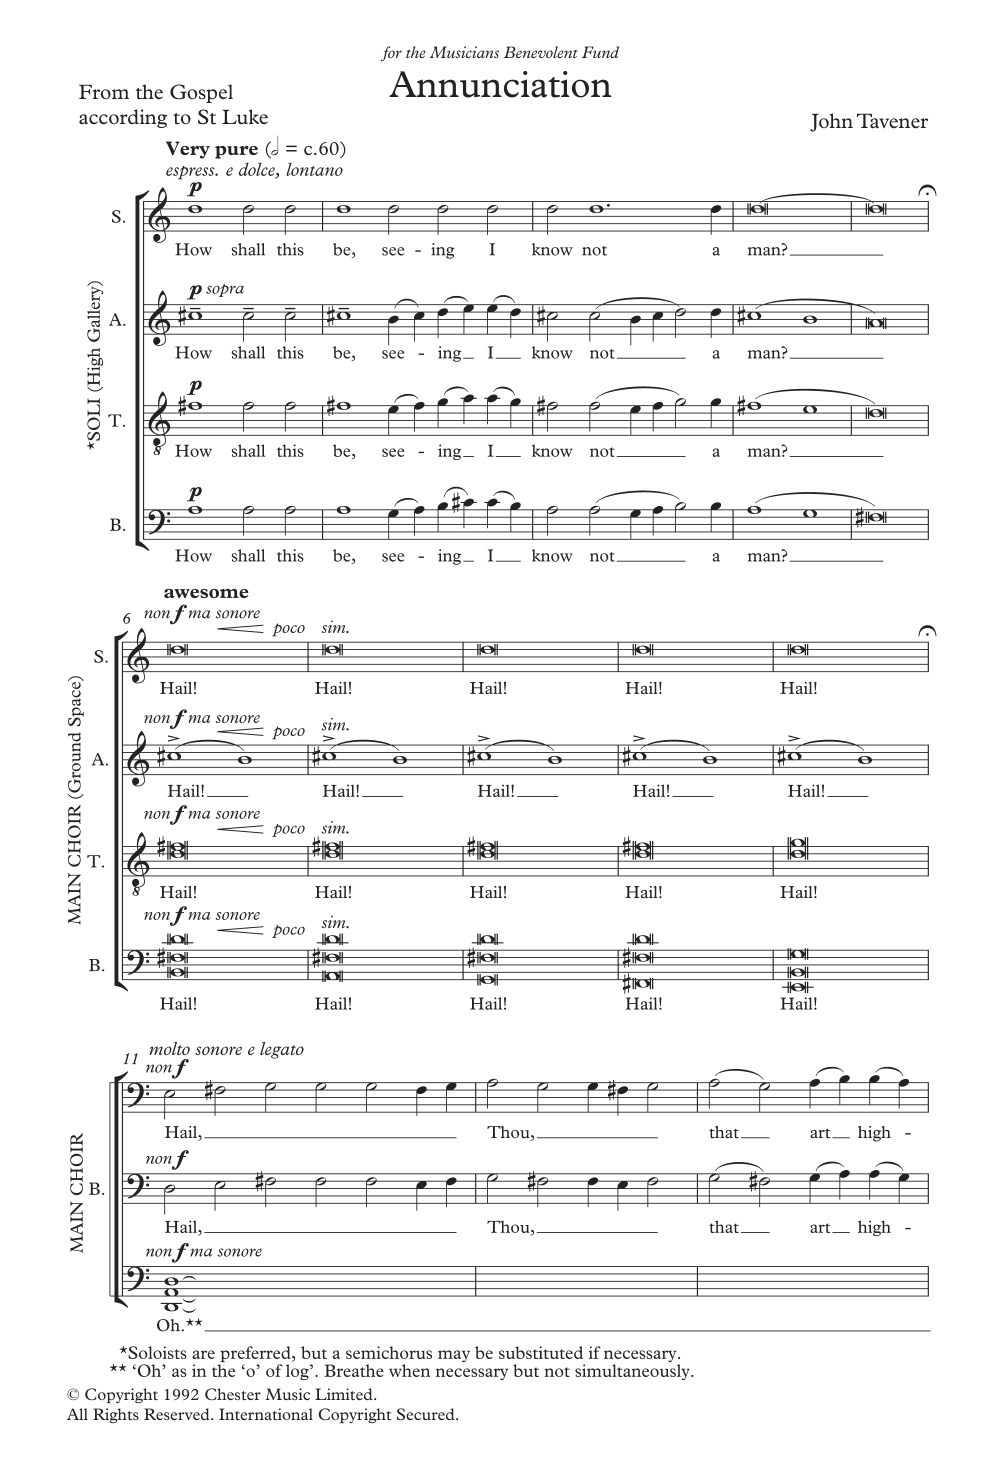 Annunciation Sheet Music